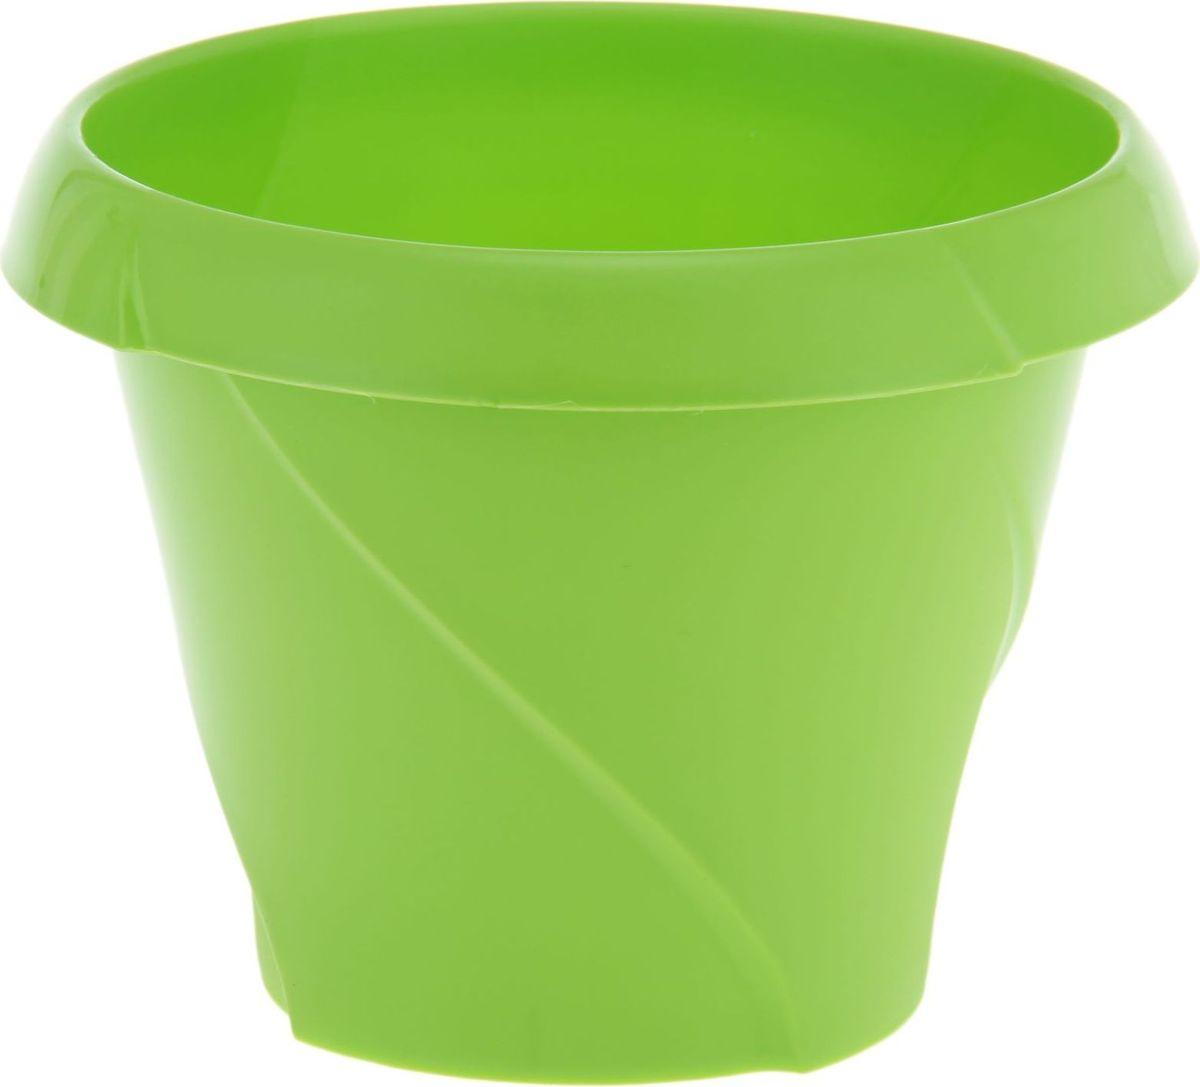 Кашпо Martika Флориана, цвет: салатовый, 0,3 л531-105Любой, даже самый современный и продуманный интерьер будет не завершённым без растений. Они не только очищают воздух и насыщают его кислородом, но и заметно украшают окружающее пространство. Такому полезному члену семьи просто необходимо красивое и функциональное кашпо, оригинальный горшок или необычная ваза! Мы предлагаем - Кашпо 300 мл Флориана, d=10 см, цвет салатовый! Оптимальный выбор материала пластмасса! Почему мы так считаем? -Малый вес. С лёгкостью переносите горшки и кашпо с места на место, ставьте их на столики или полки, подвешивайте под потолок, не беспокоясь о нагрузке. -Простота ухода. Пластиковые изделия не нуждаются в специальных условиях хранения. Их легко чистить достаточно просто сполоснуть тёплой водой. -Никаких царапин. Пластиковые кашпо не царапают и не загрязняют поверхности, на которых стоят. -Пластик дольше хранит влагу, а значит растение реже нуждается в поливе. -Пластмасса не пропускает воздух корневой системе растения не грозят резкие перепады температур. -Огромный выбор форм, декора и расцветок вы без труда подберёте что-то, что идеально впишется в уже существующий интерьер. Соблюдая нехитрые правила ухода, вы можете заметно продлить срок службы горшков, вазонов и кашпо из пластика: -всегда учитывайте размер кроны и корневой системы растения (при разрастании большое растение способно повредить маленький горшок)-берегите изделие от воздействия прямых солнечных лучей, чтобы кашпо и горшки не выцветали-держите кашпо и горшки из пластика подальше от нагревающихся поверхностей. Создавайте прекрасные цветочные композиции, выращивайте рассаду или необычные растения, а низкие цены позволят вам не ограничивать себя в выборе.